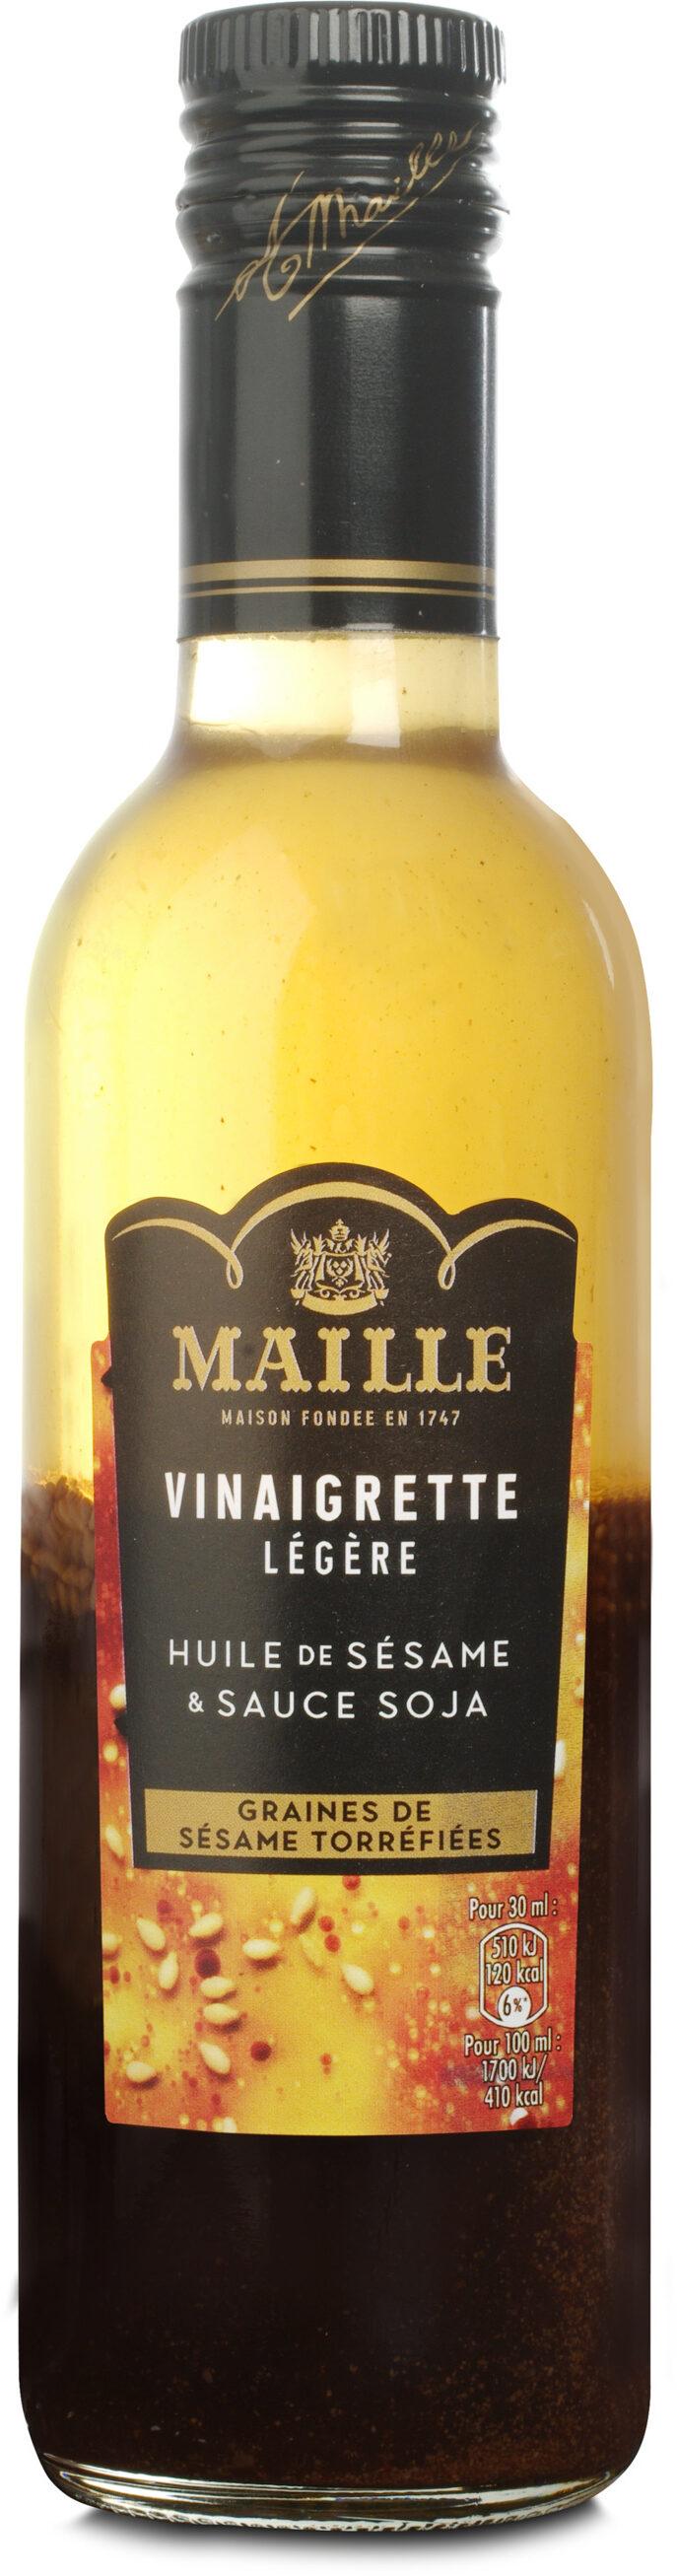 Maille Vinaigrette Légère Huile de Sésame & Sauce Soja Graines de Sésame Torréfiées 36cL - Product - fr